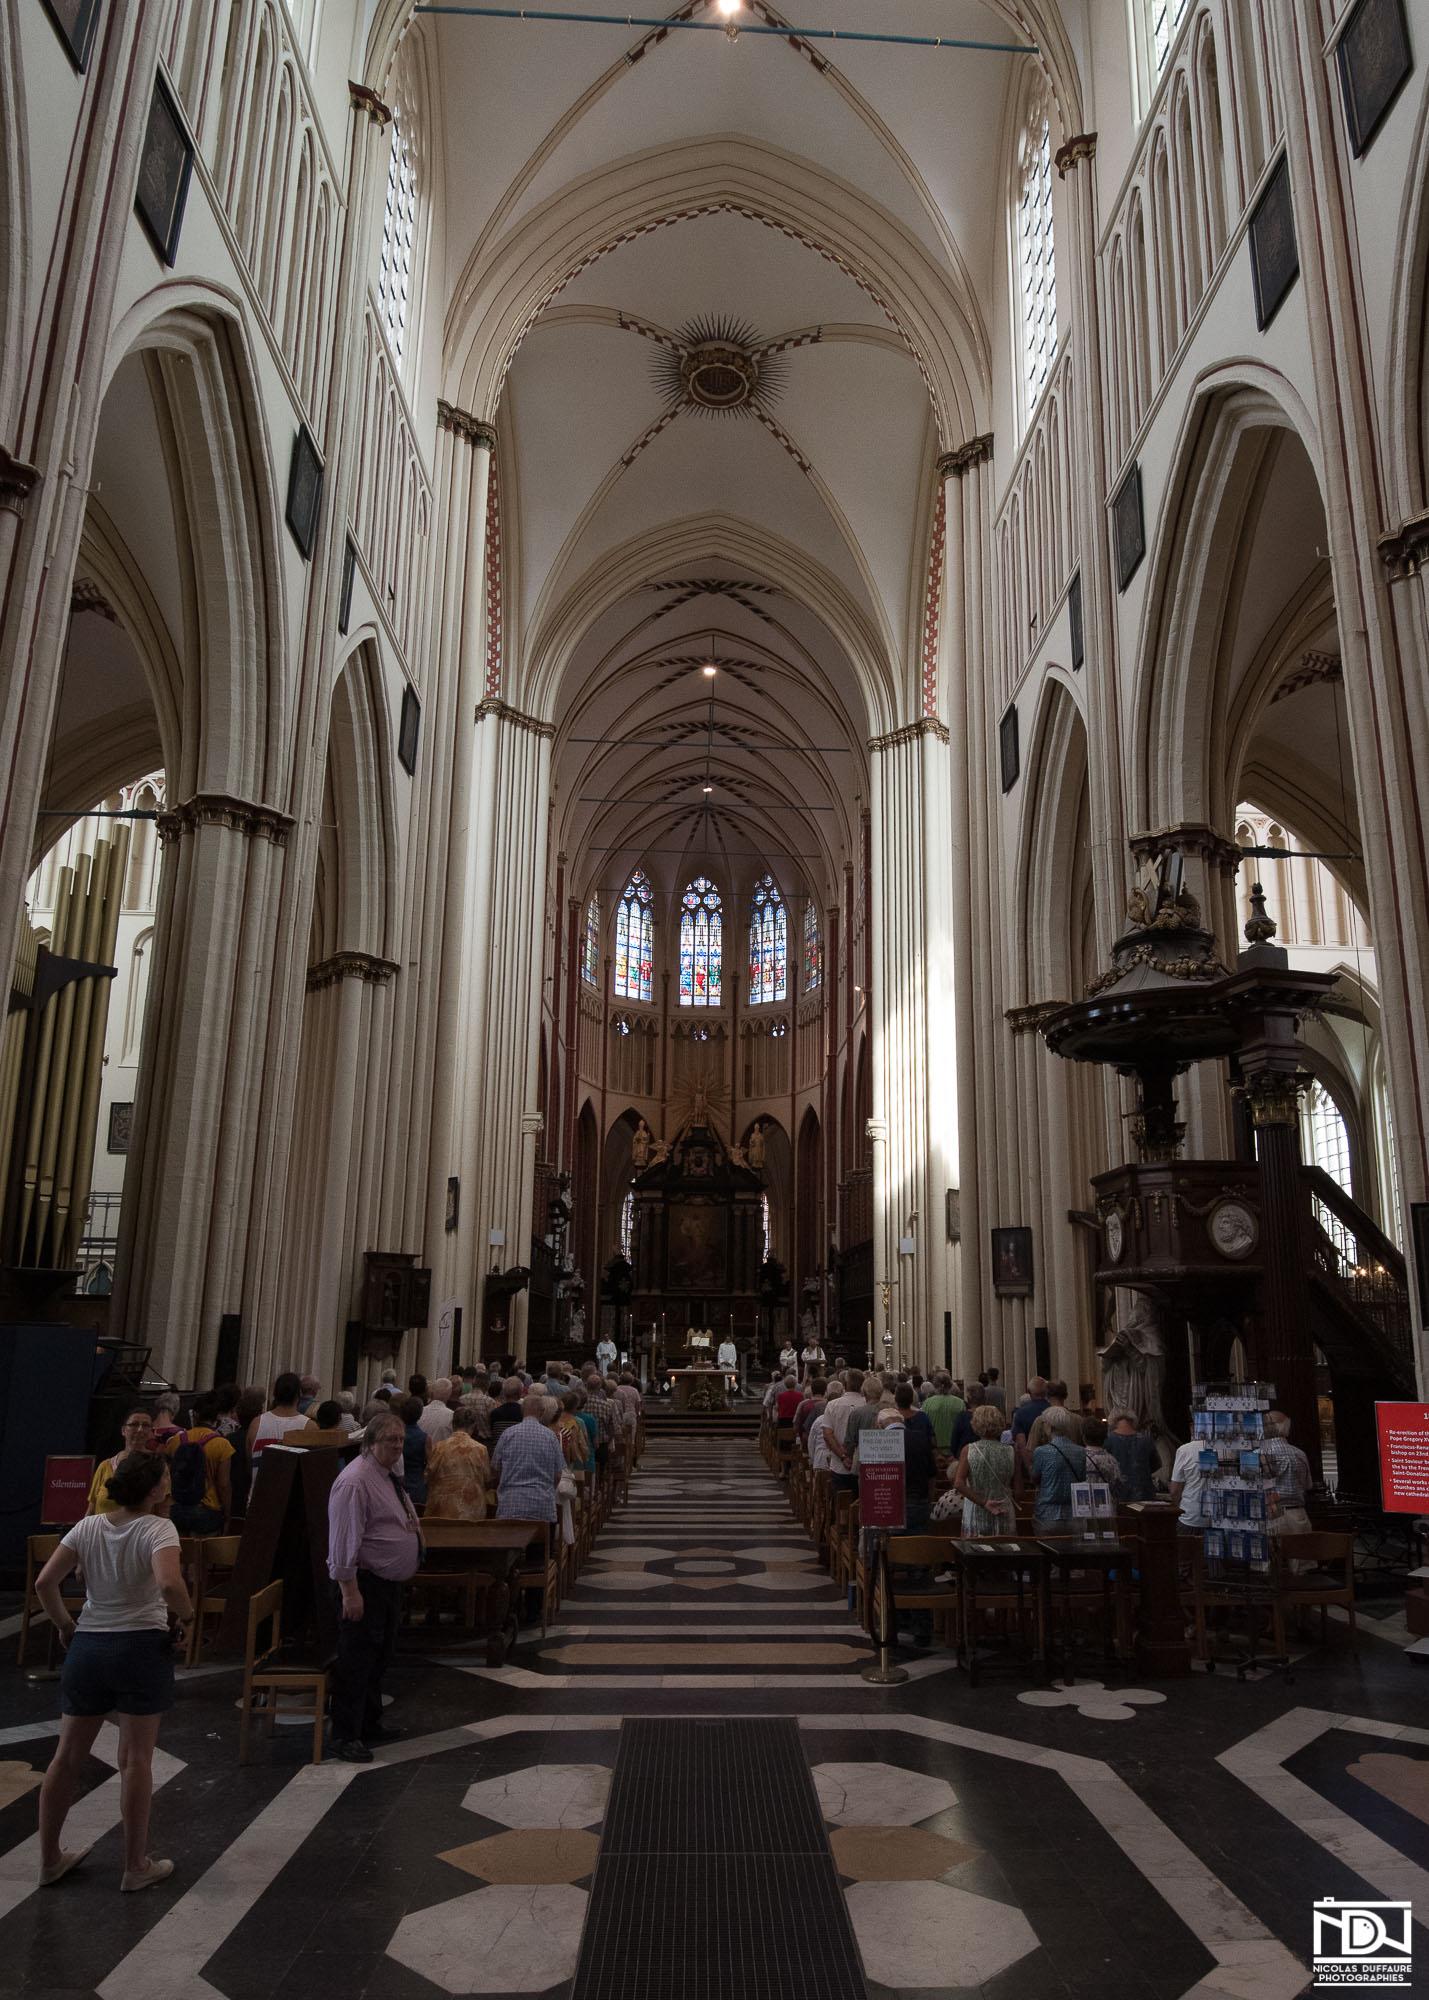 Photographe de Bordeaux Voyage Tour d'Europe